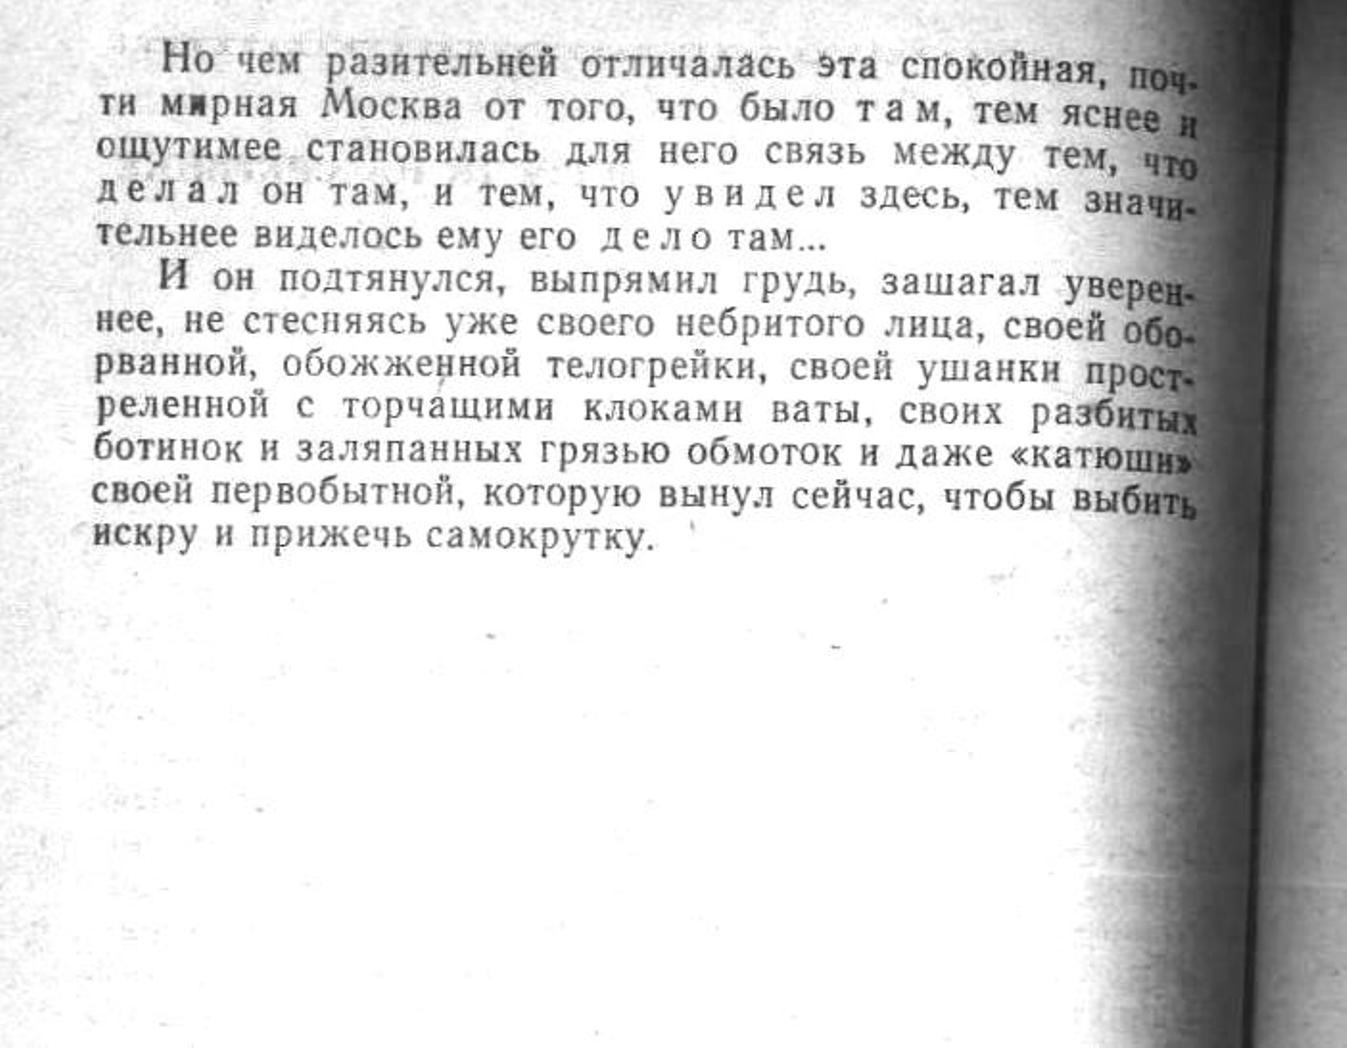 Сашка. Повесть. Вячеслав Кондратьев. 020. 005